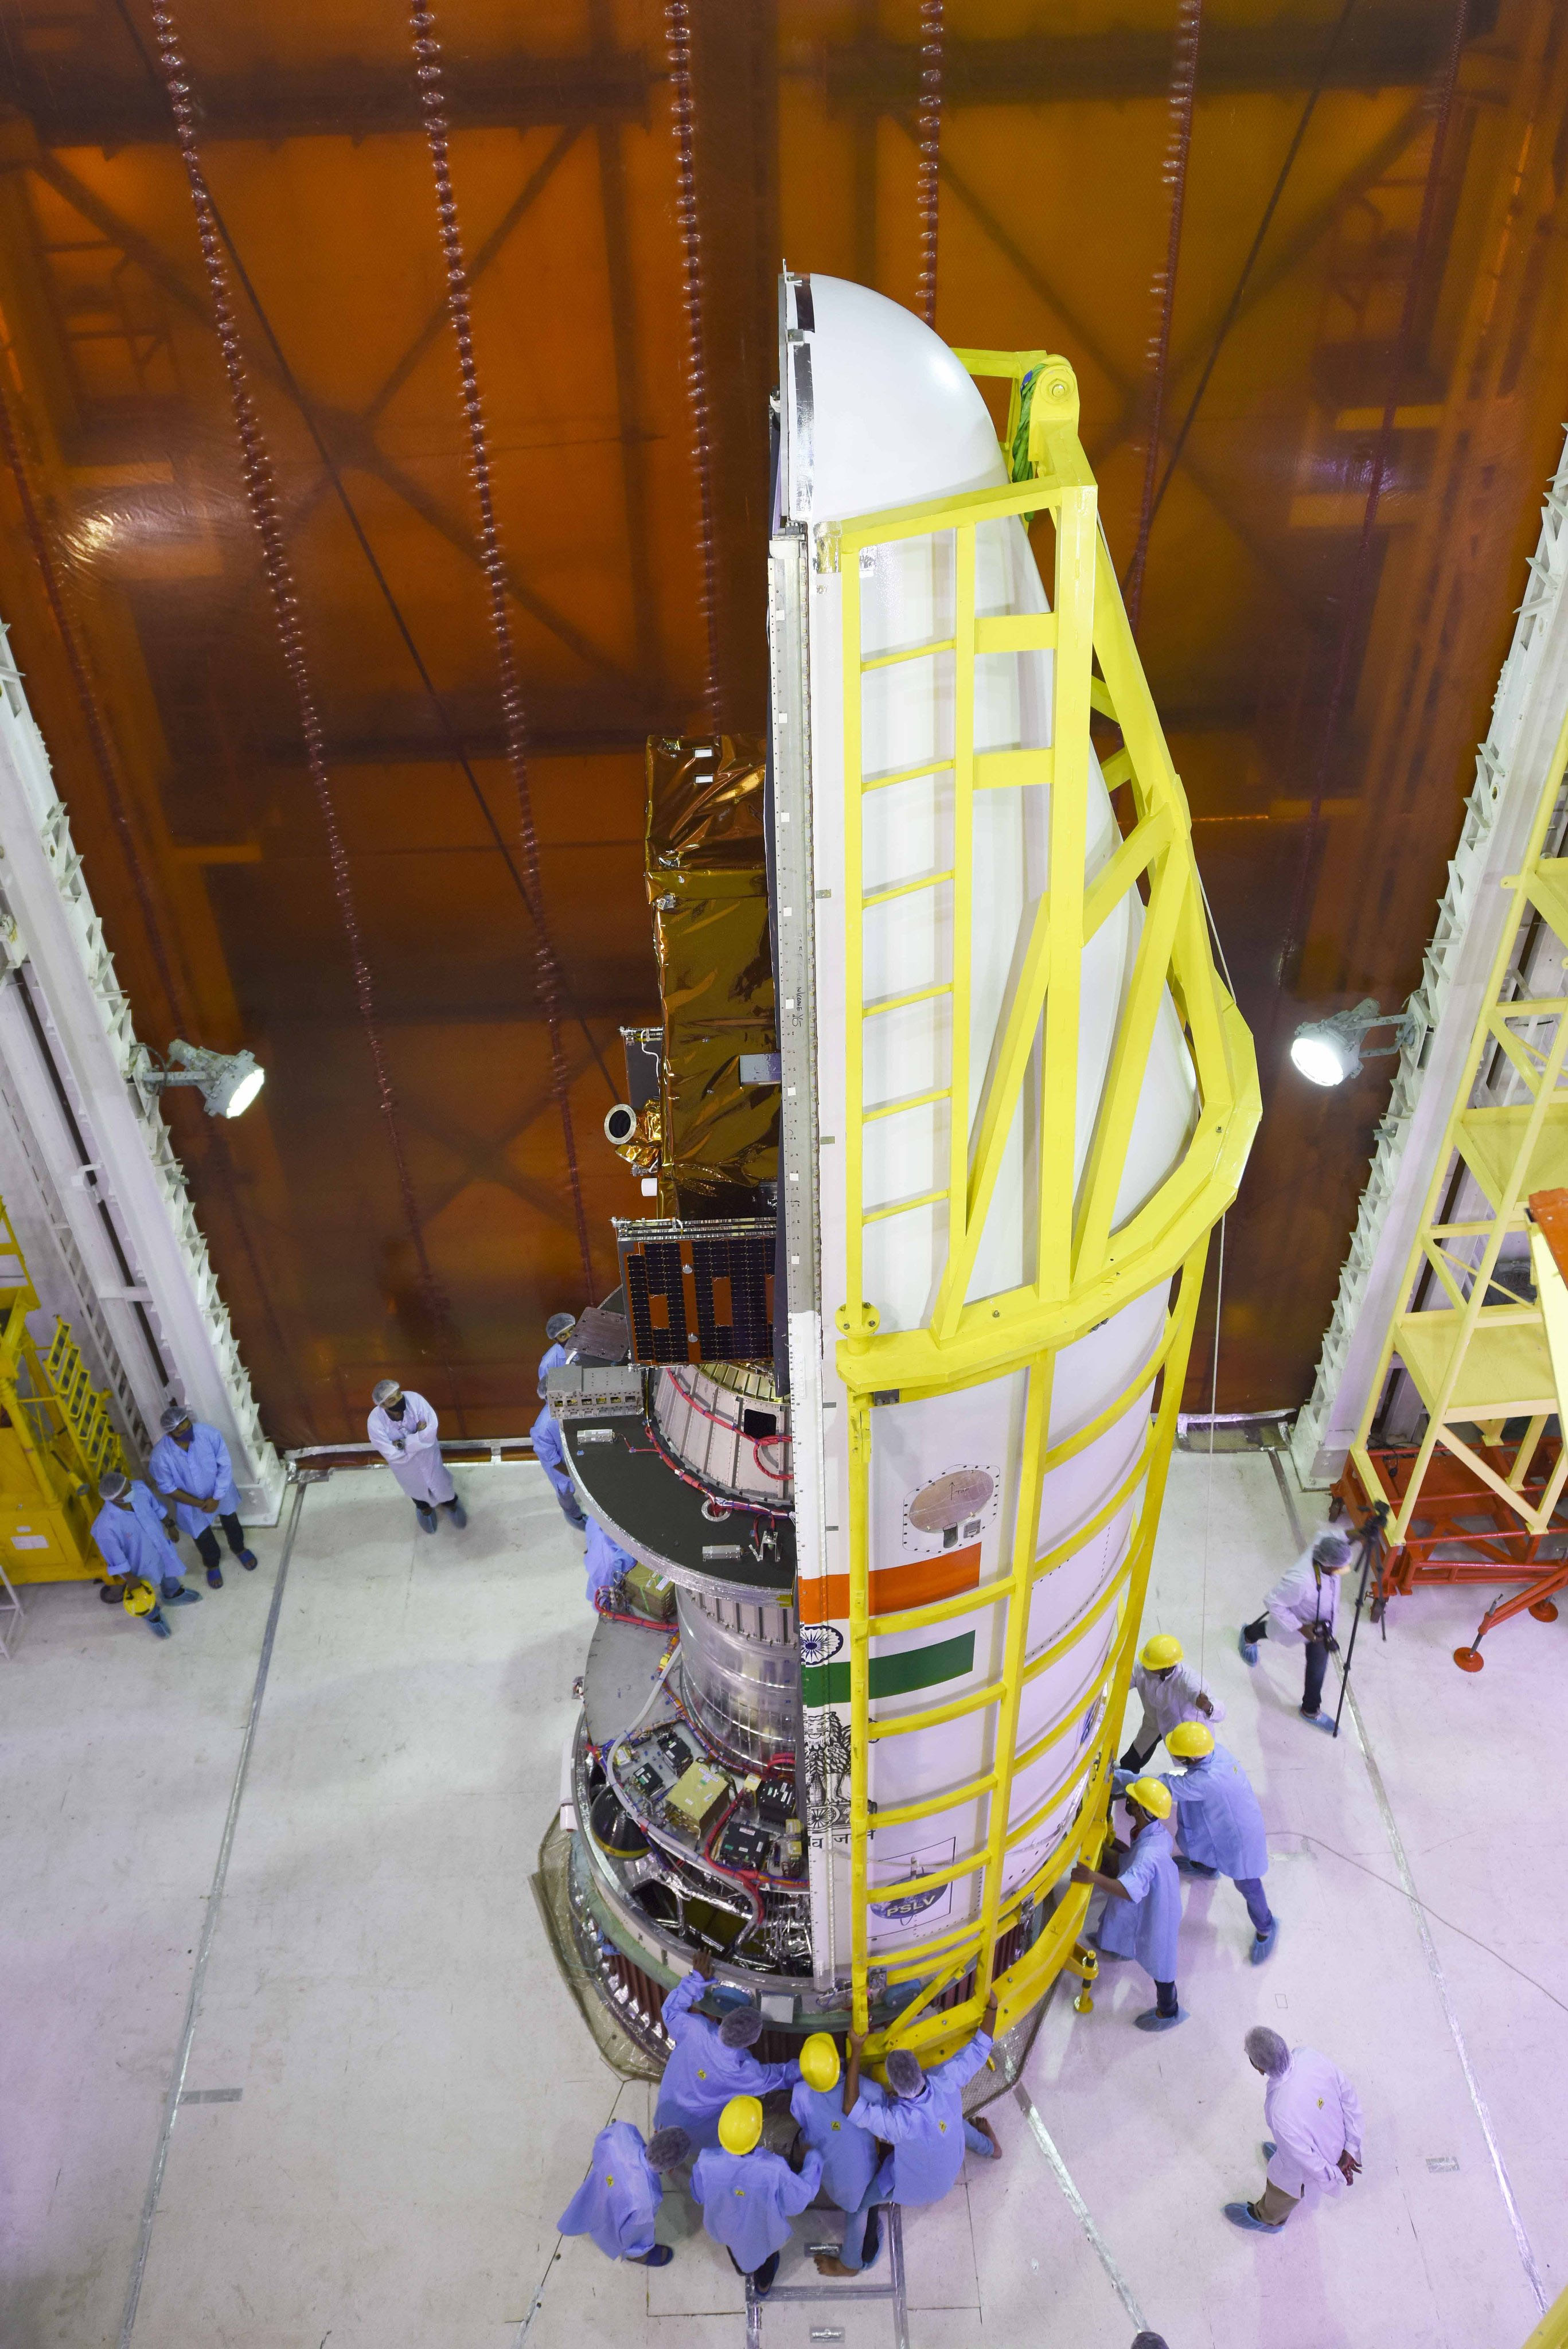 Le satellite brésilien Amazonia-1 est vu pendant les préparatifs de lancement de son lanceur de satellites polaires par l'Organisation indienne de recherche spatiale.